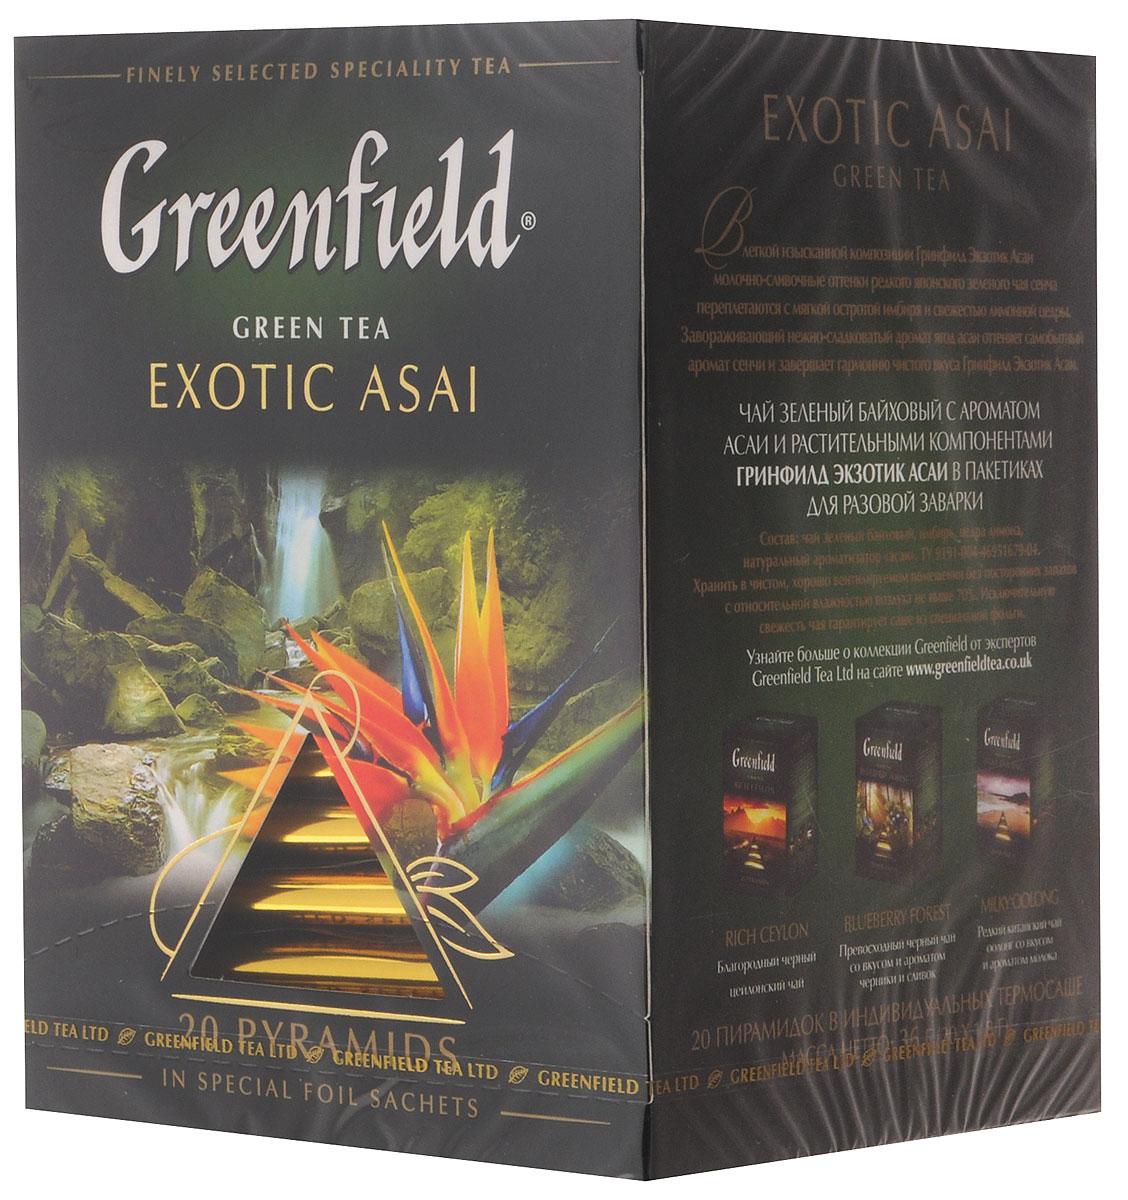 Greenfield Exotic Asai зеленый чай в пирамидках, 20 шт0120710В легкой изысканной композиции Гринфилд Экзотик Асаи молочно-сливочные оттенки редкого японского зеленого чая сенча переплетаются с мягкой остротой имбиря и свежестью лимонной цедры. Завораживающий нежно-сладковатый аромат ягод асаи оттеняет самобытный аромат сенчи и завершает гармонию чистого вкуса Гринфилд Экзотик Асаи.Уважаемые клиенты! Обращаем ваше внимание, что полный перечень состава продукта представлен на дополнительном изображении.